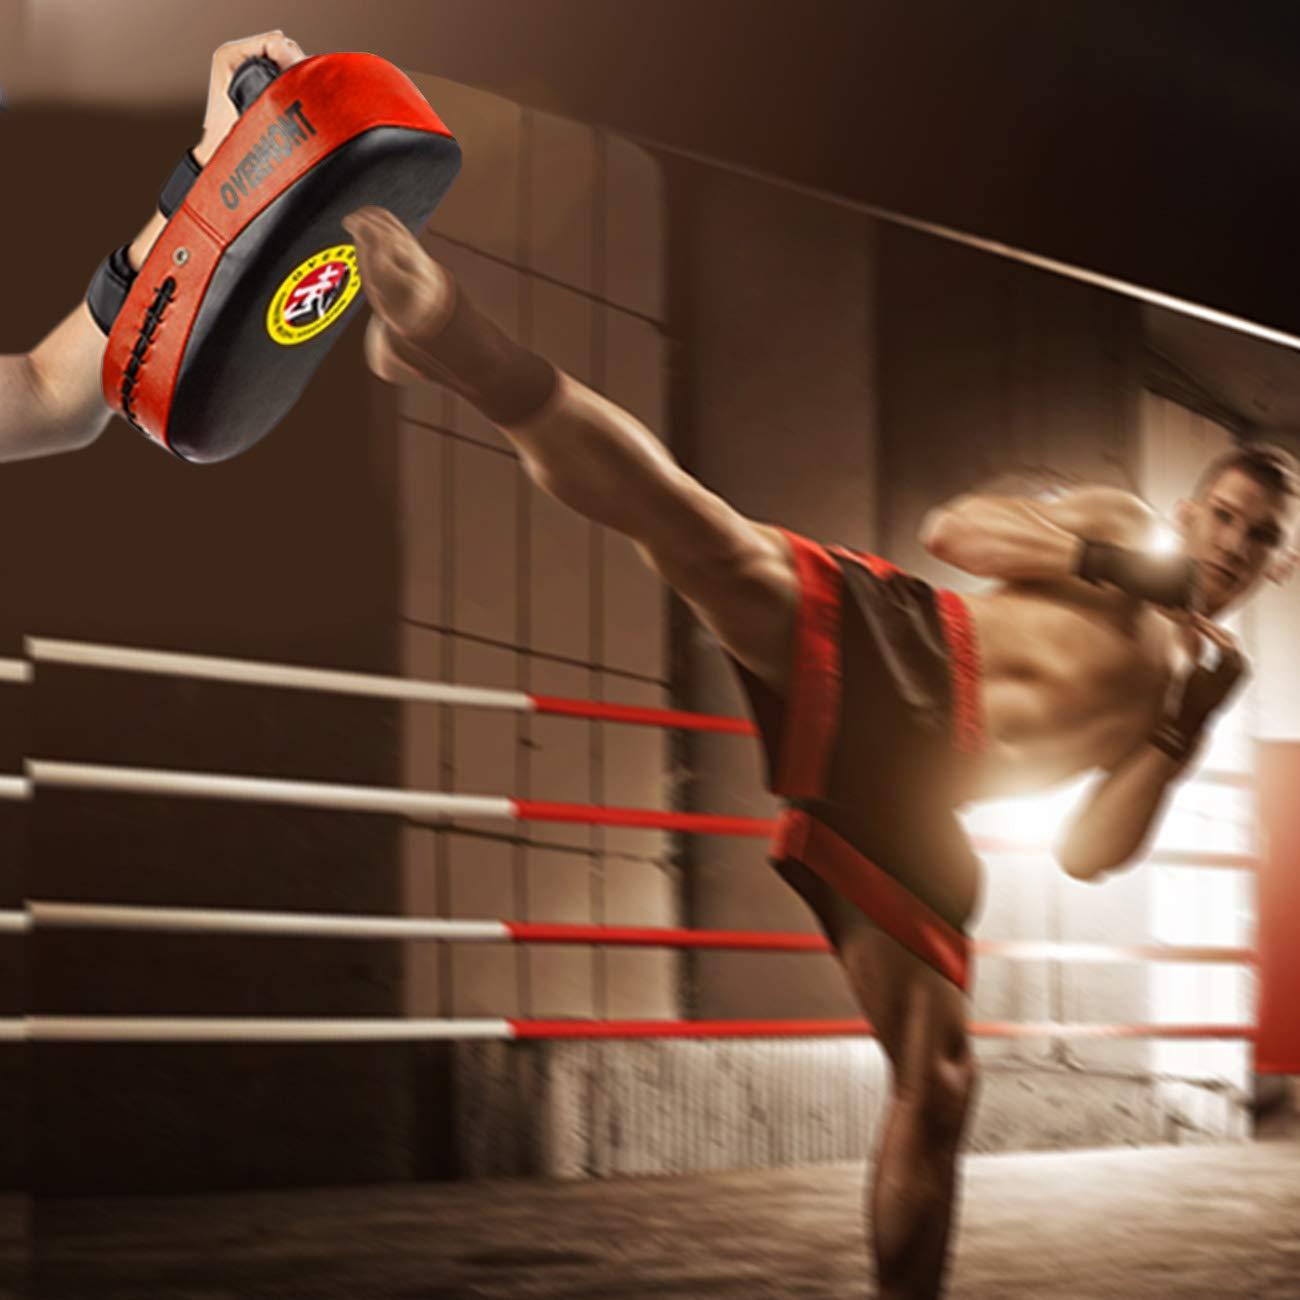 Overmont Paos de Cuero PU Muay Thai Kick Manoplas Boxeo Almohadilla de Entrenamiento de Boxeo Boxing Artes Marciales taekwondo karate judo Jiu-jitsu brasile/ño